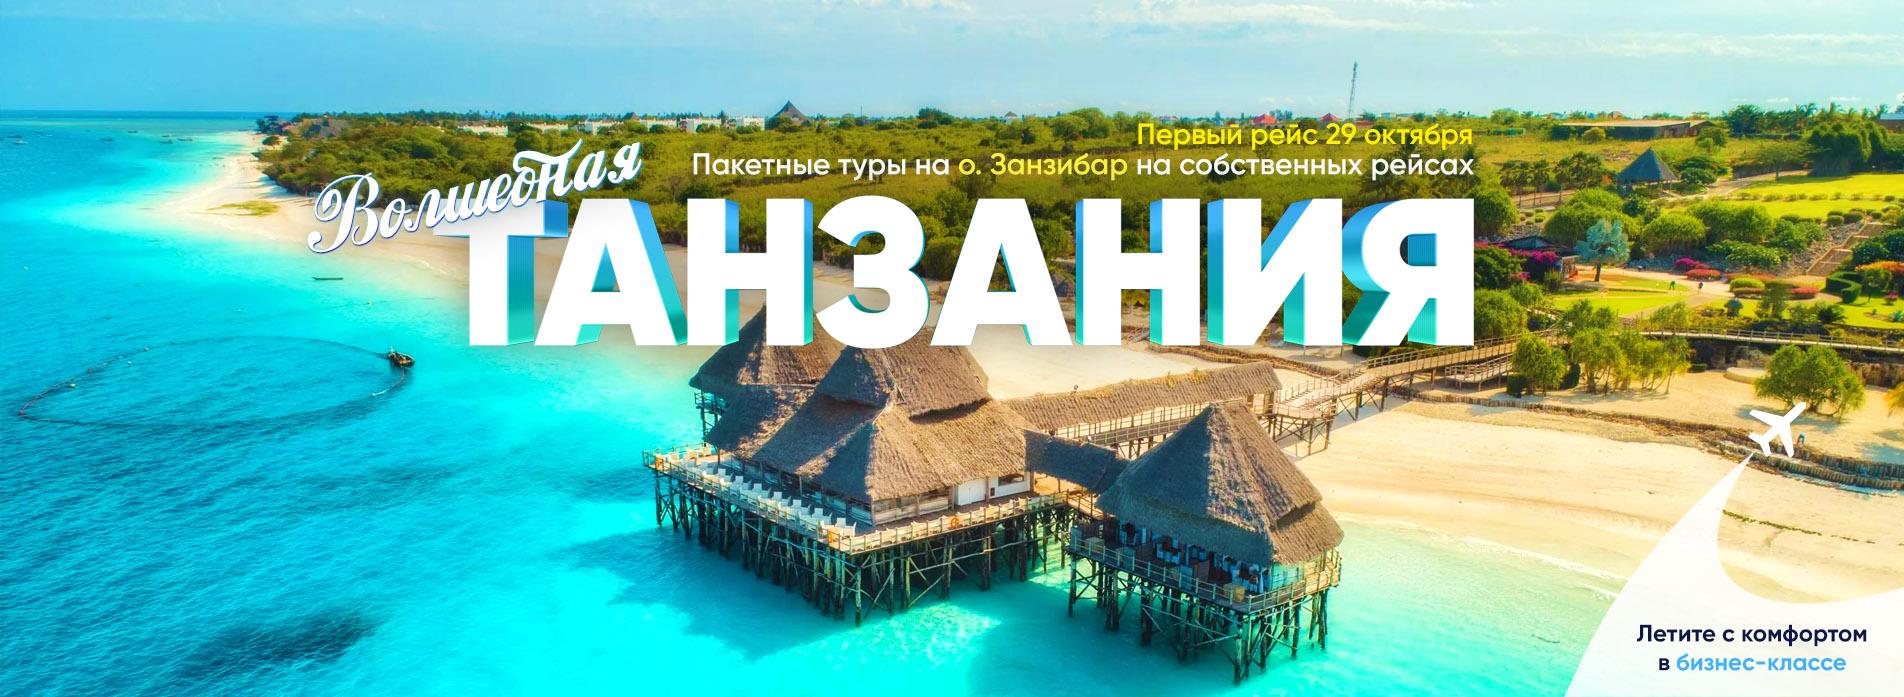 Туры в Танзанию из Ростова-на-Дону 2020